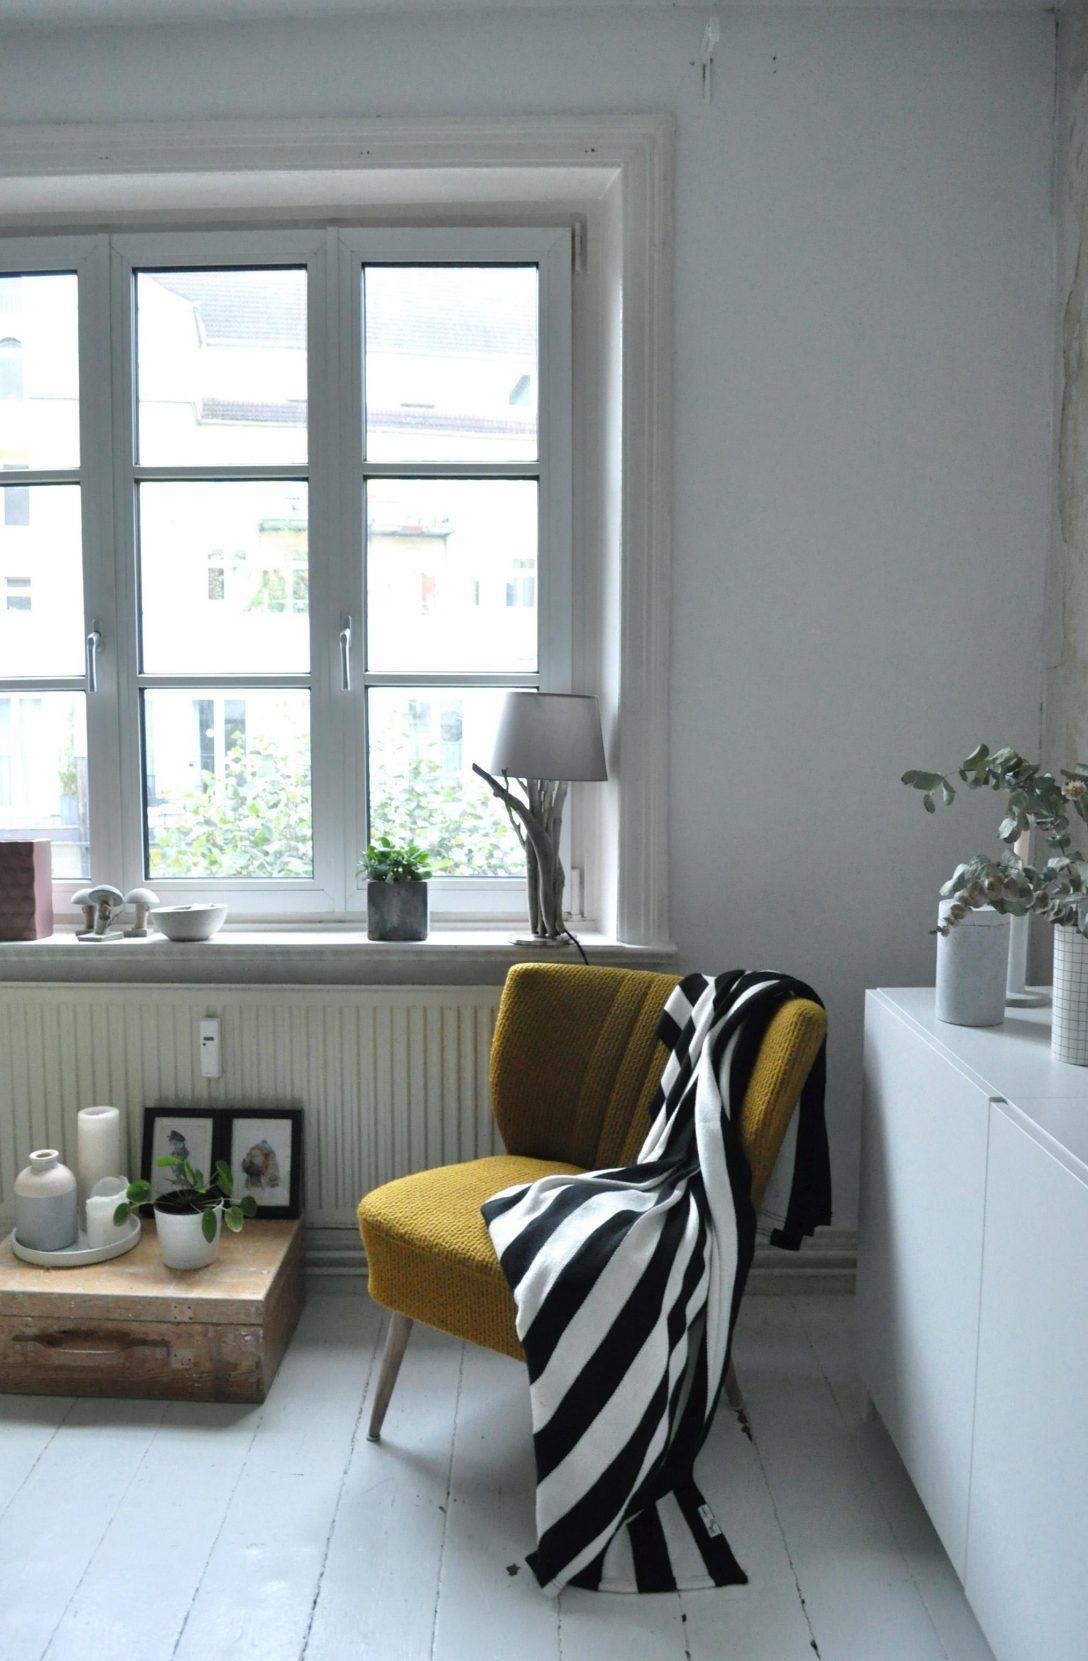 Large Size of Wohnzimmer Sessel Leder Wohnzimmer Sessel Gelb Wohnzimmer Sessel Bei Ikea Wohnzimmer Sessel Mit Aufstehhilfe Wohnzimmer Wohnzimmer Sessel